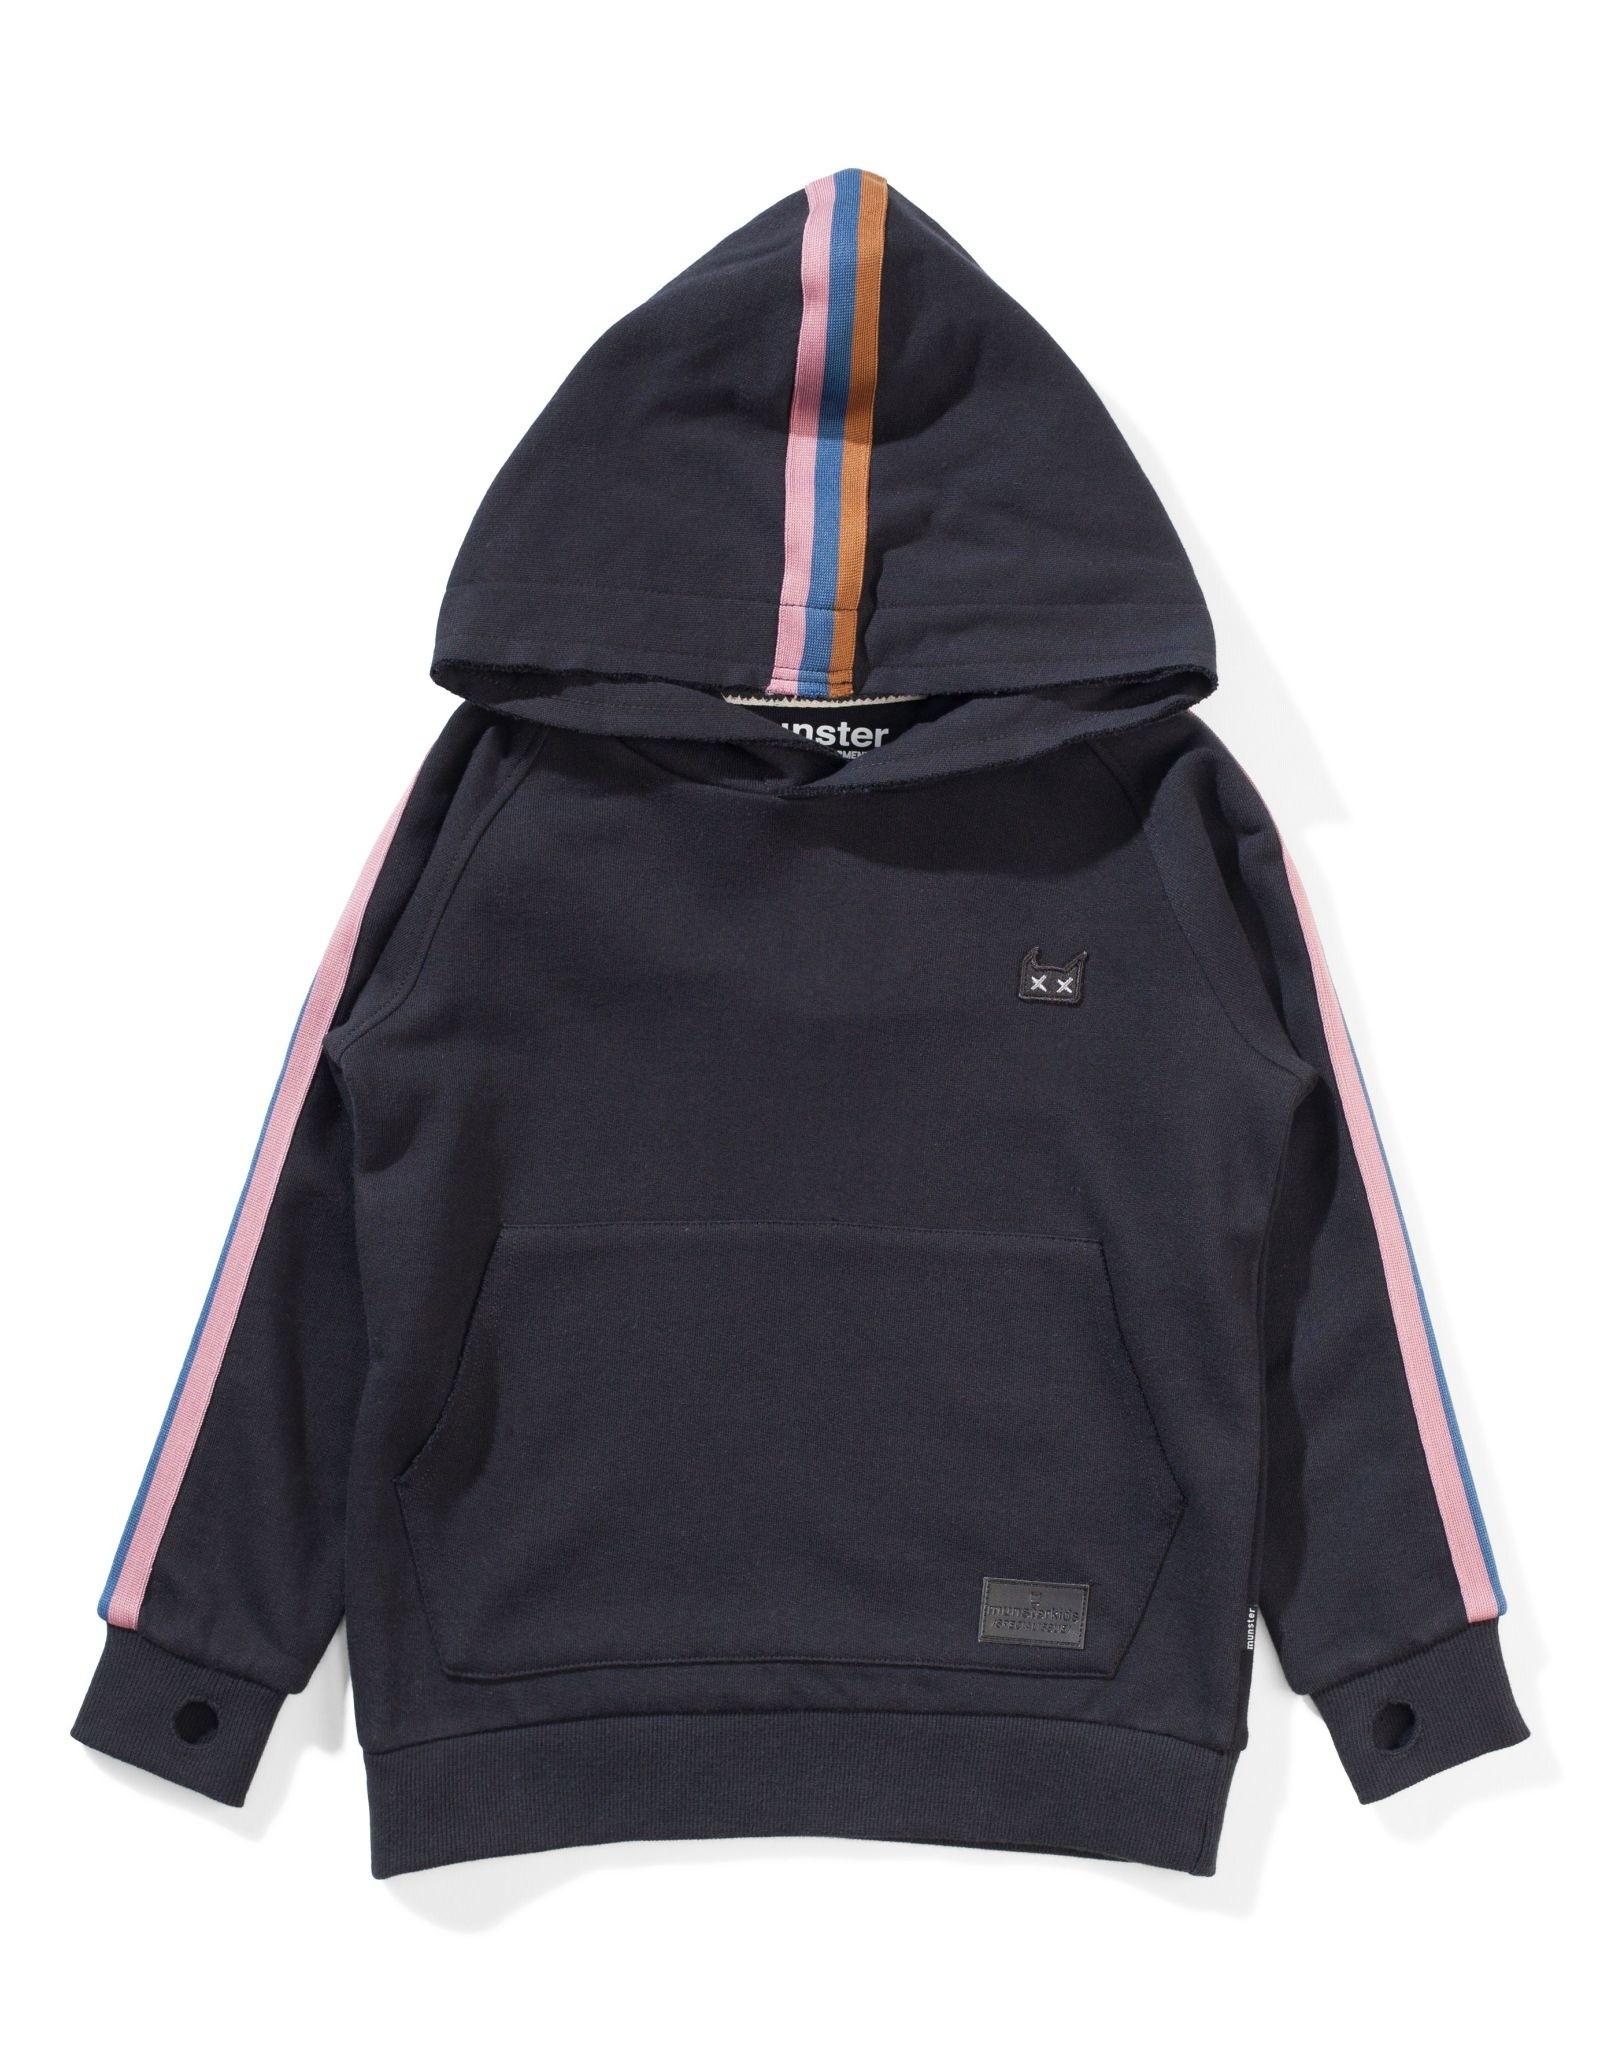 Munster Kids rickyb hoodie